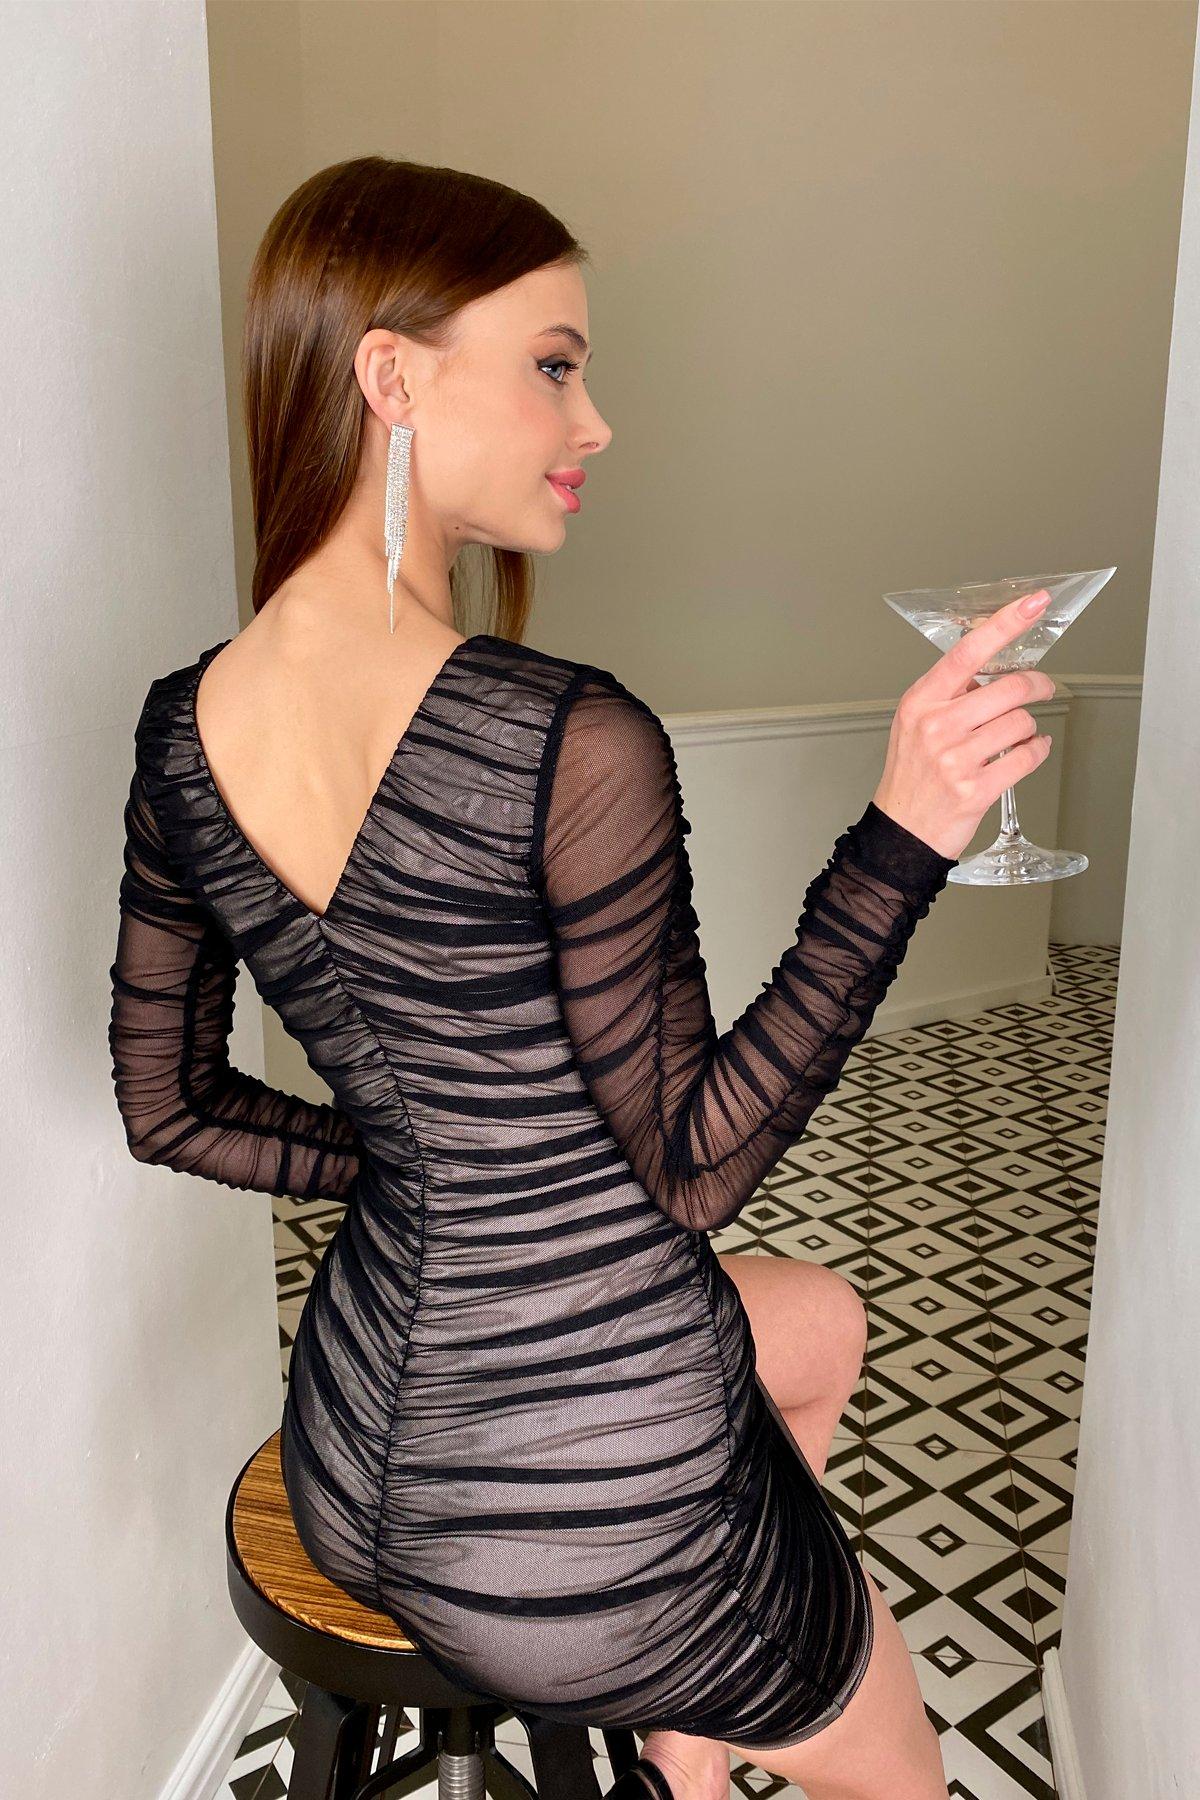 Облегающее платье Викси 8870 АРТ. 45201 Цвет: Черный/бежевый - фото 3, интернет магазин tm-modus.ru